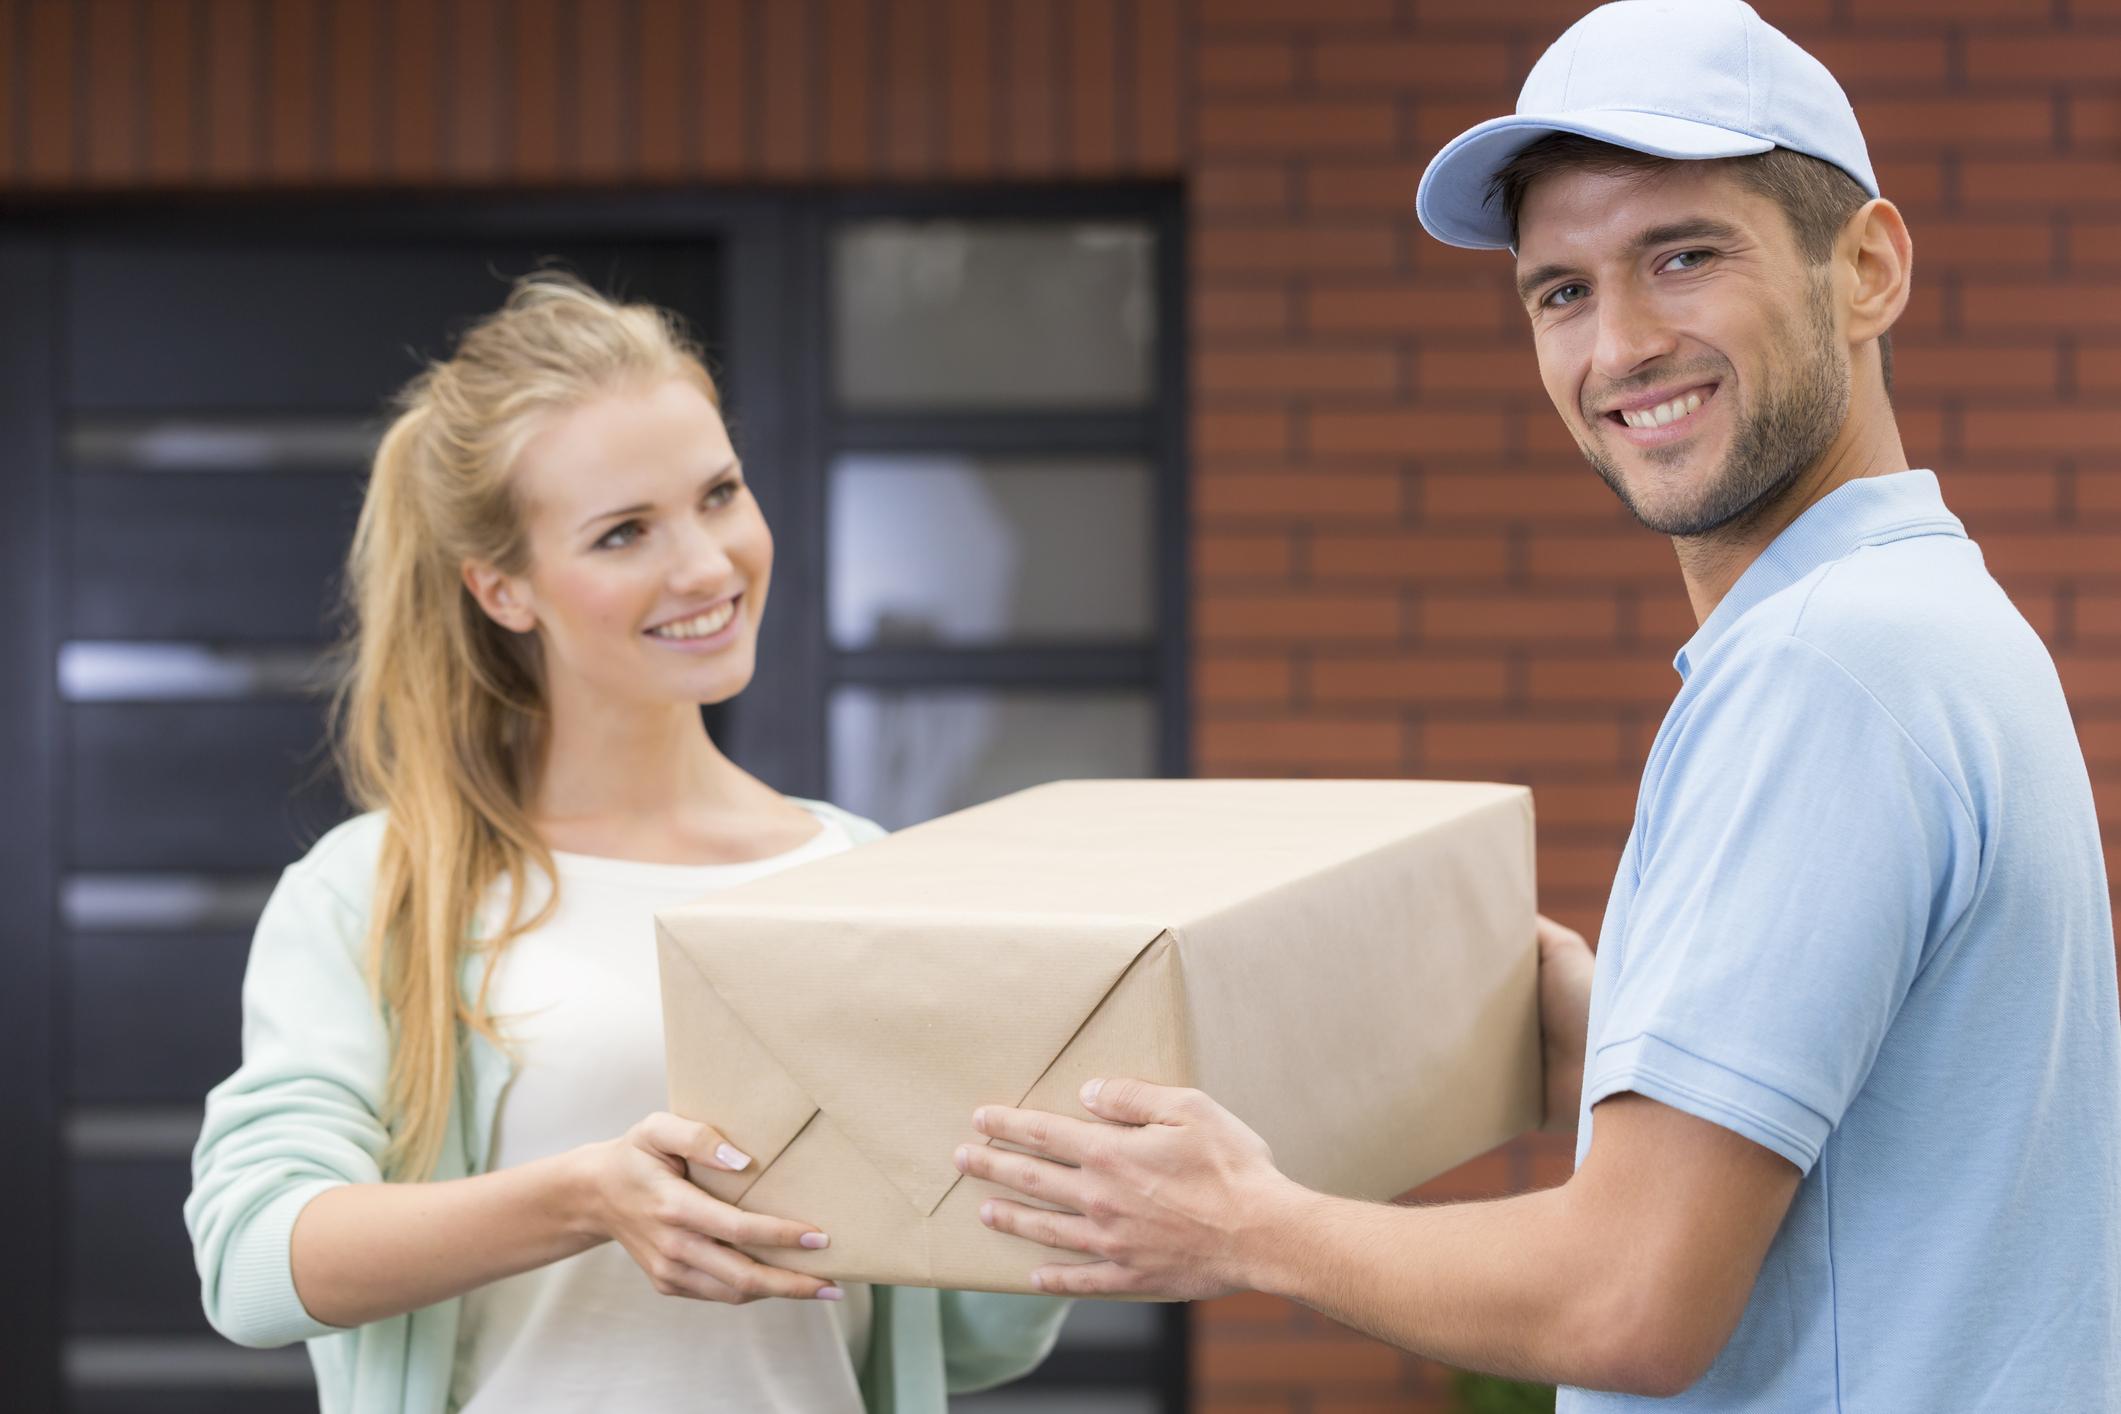 A parcel being delivered.